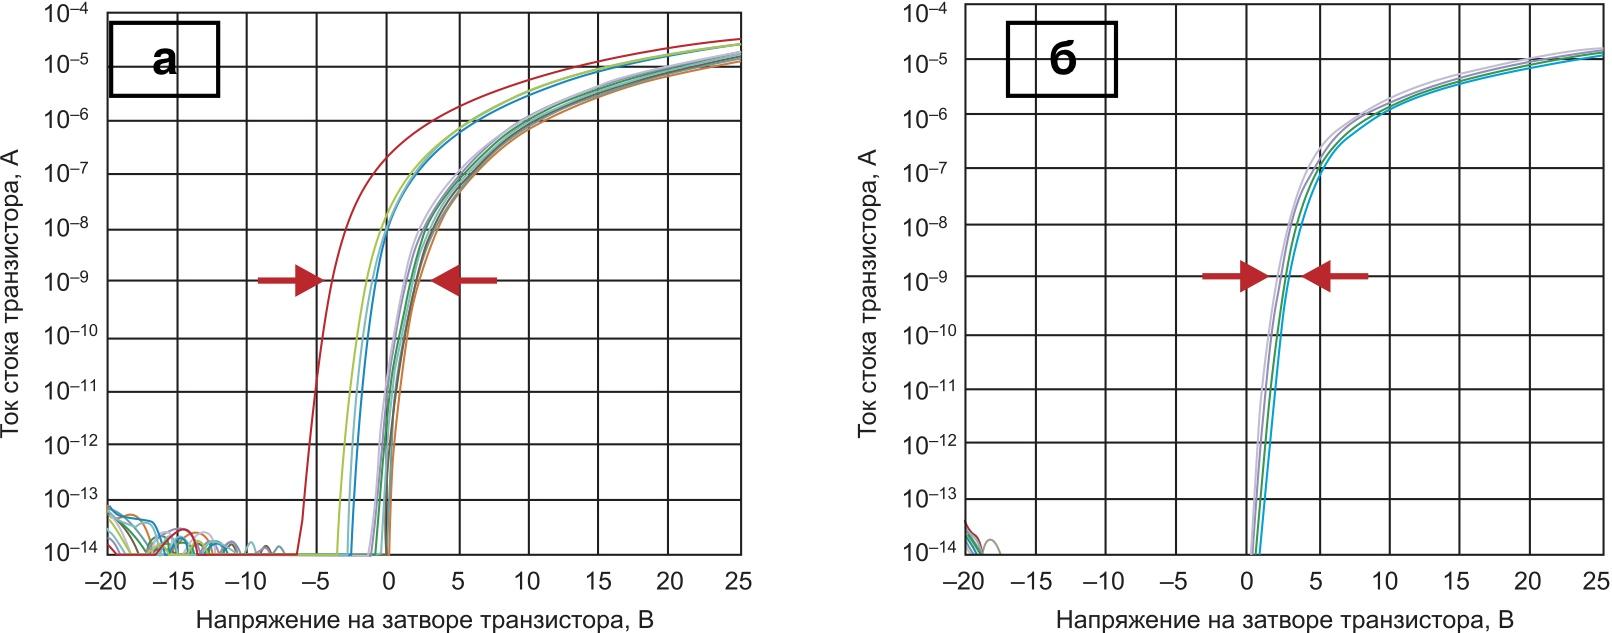 Передаточные характеристики TFT-транзисторов, полученные с помощью технологий: а) CE; б) ES